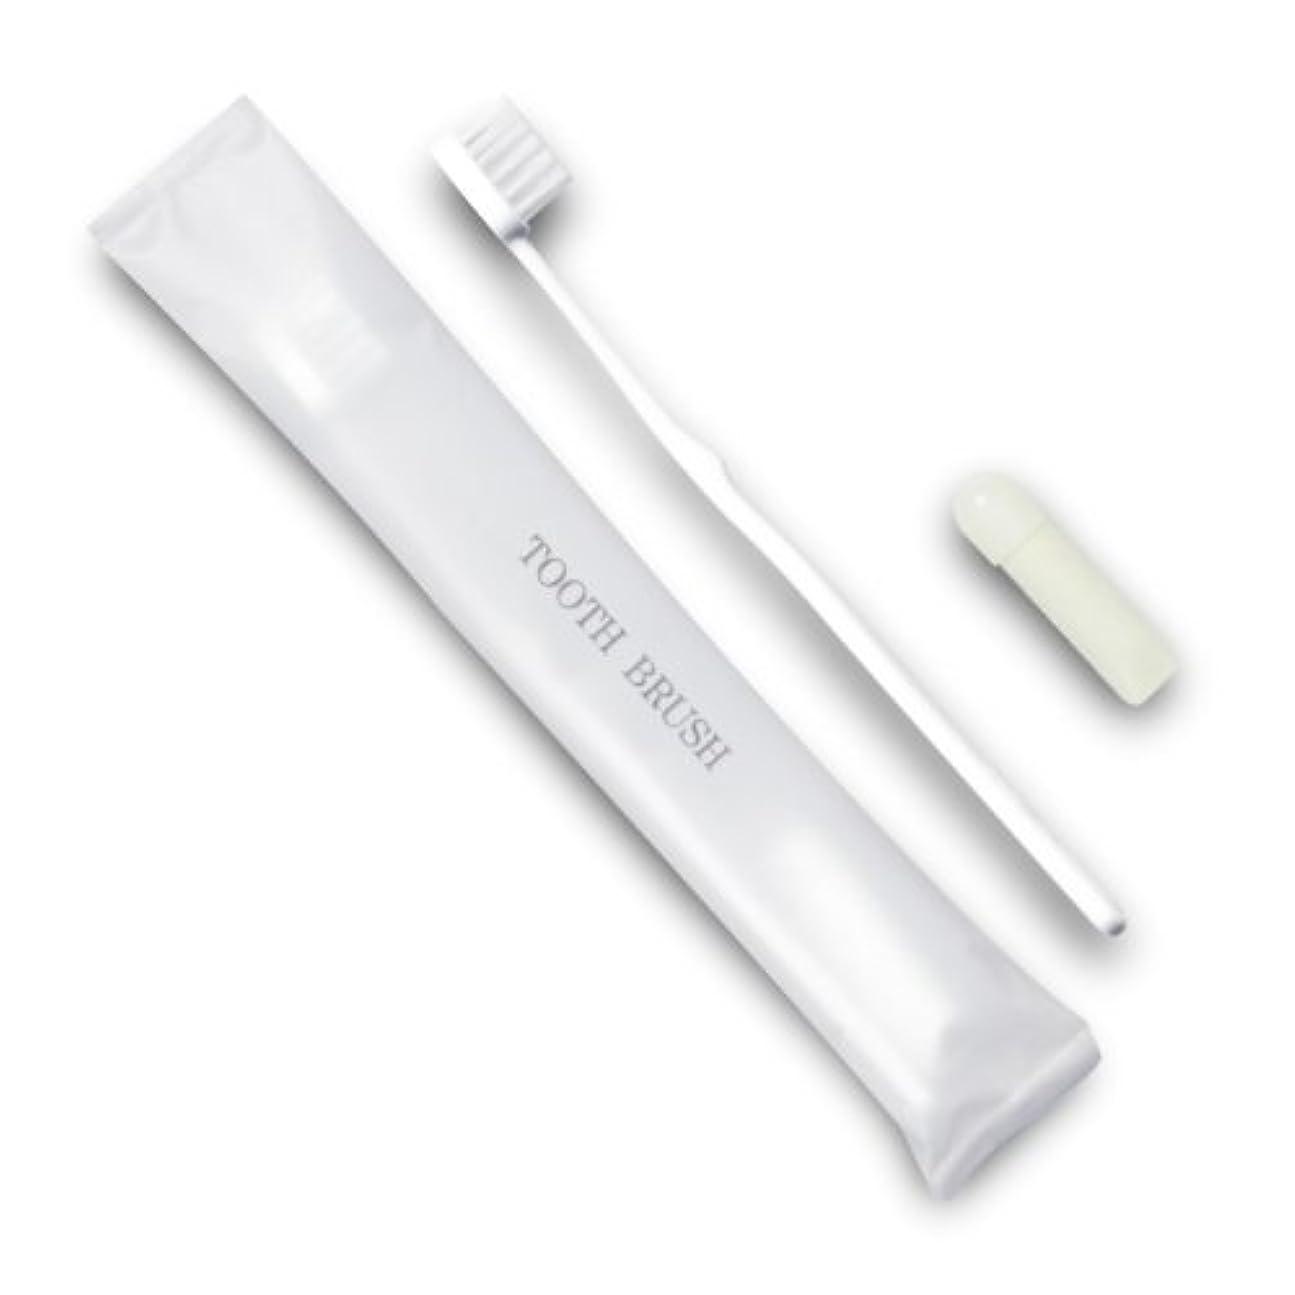 注入バーチャルもしホテル業務用歯ブラシ21穴(白)3gチューブ マット袋FタイプDX 10本